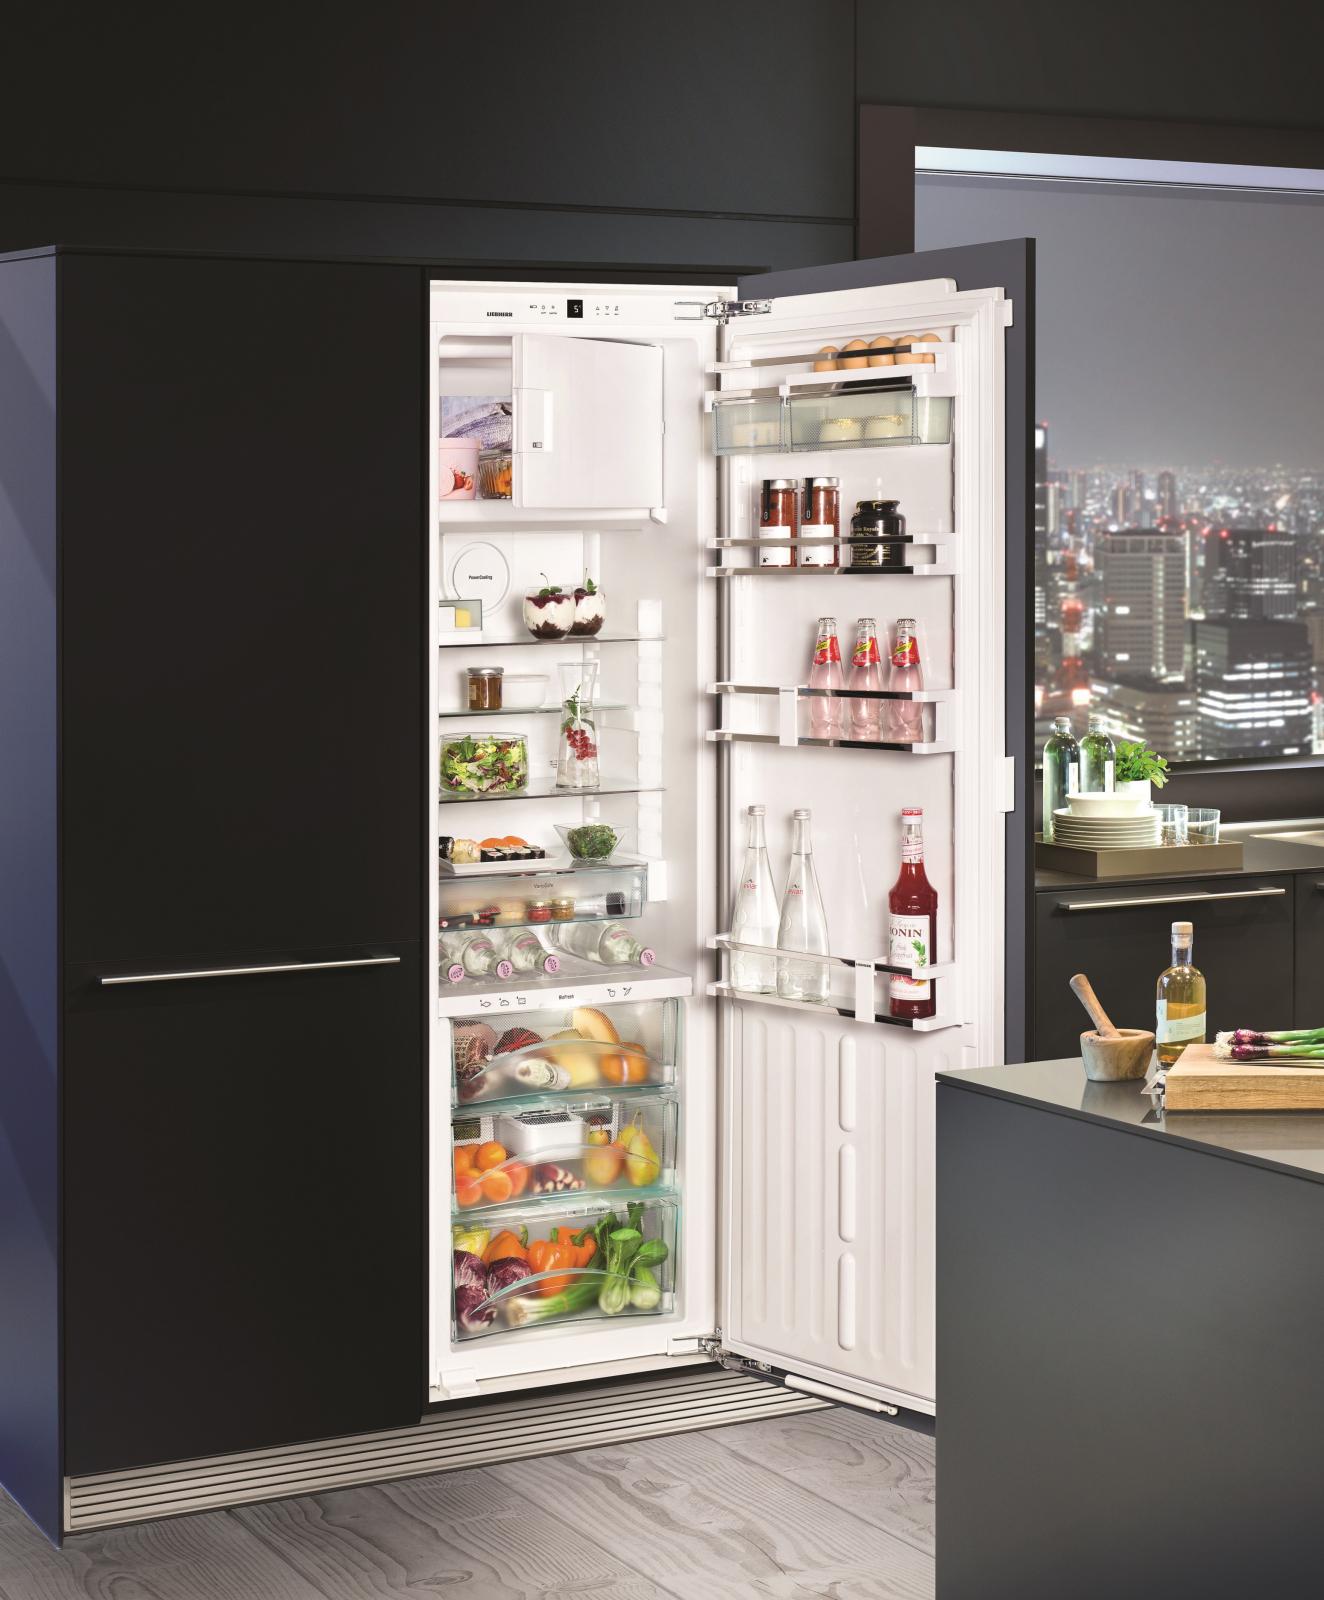 купить Встраиваемый однокамерный холодильник Liebherr IKB 3564 Украина фото 9